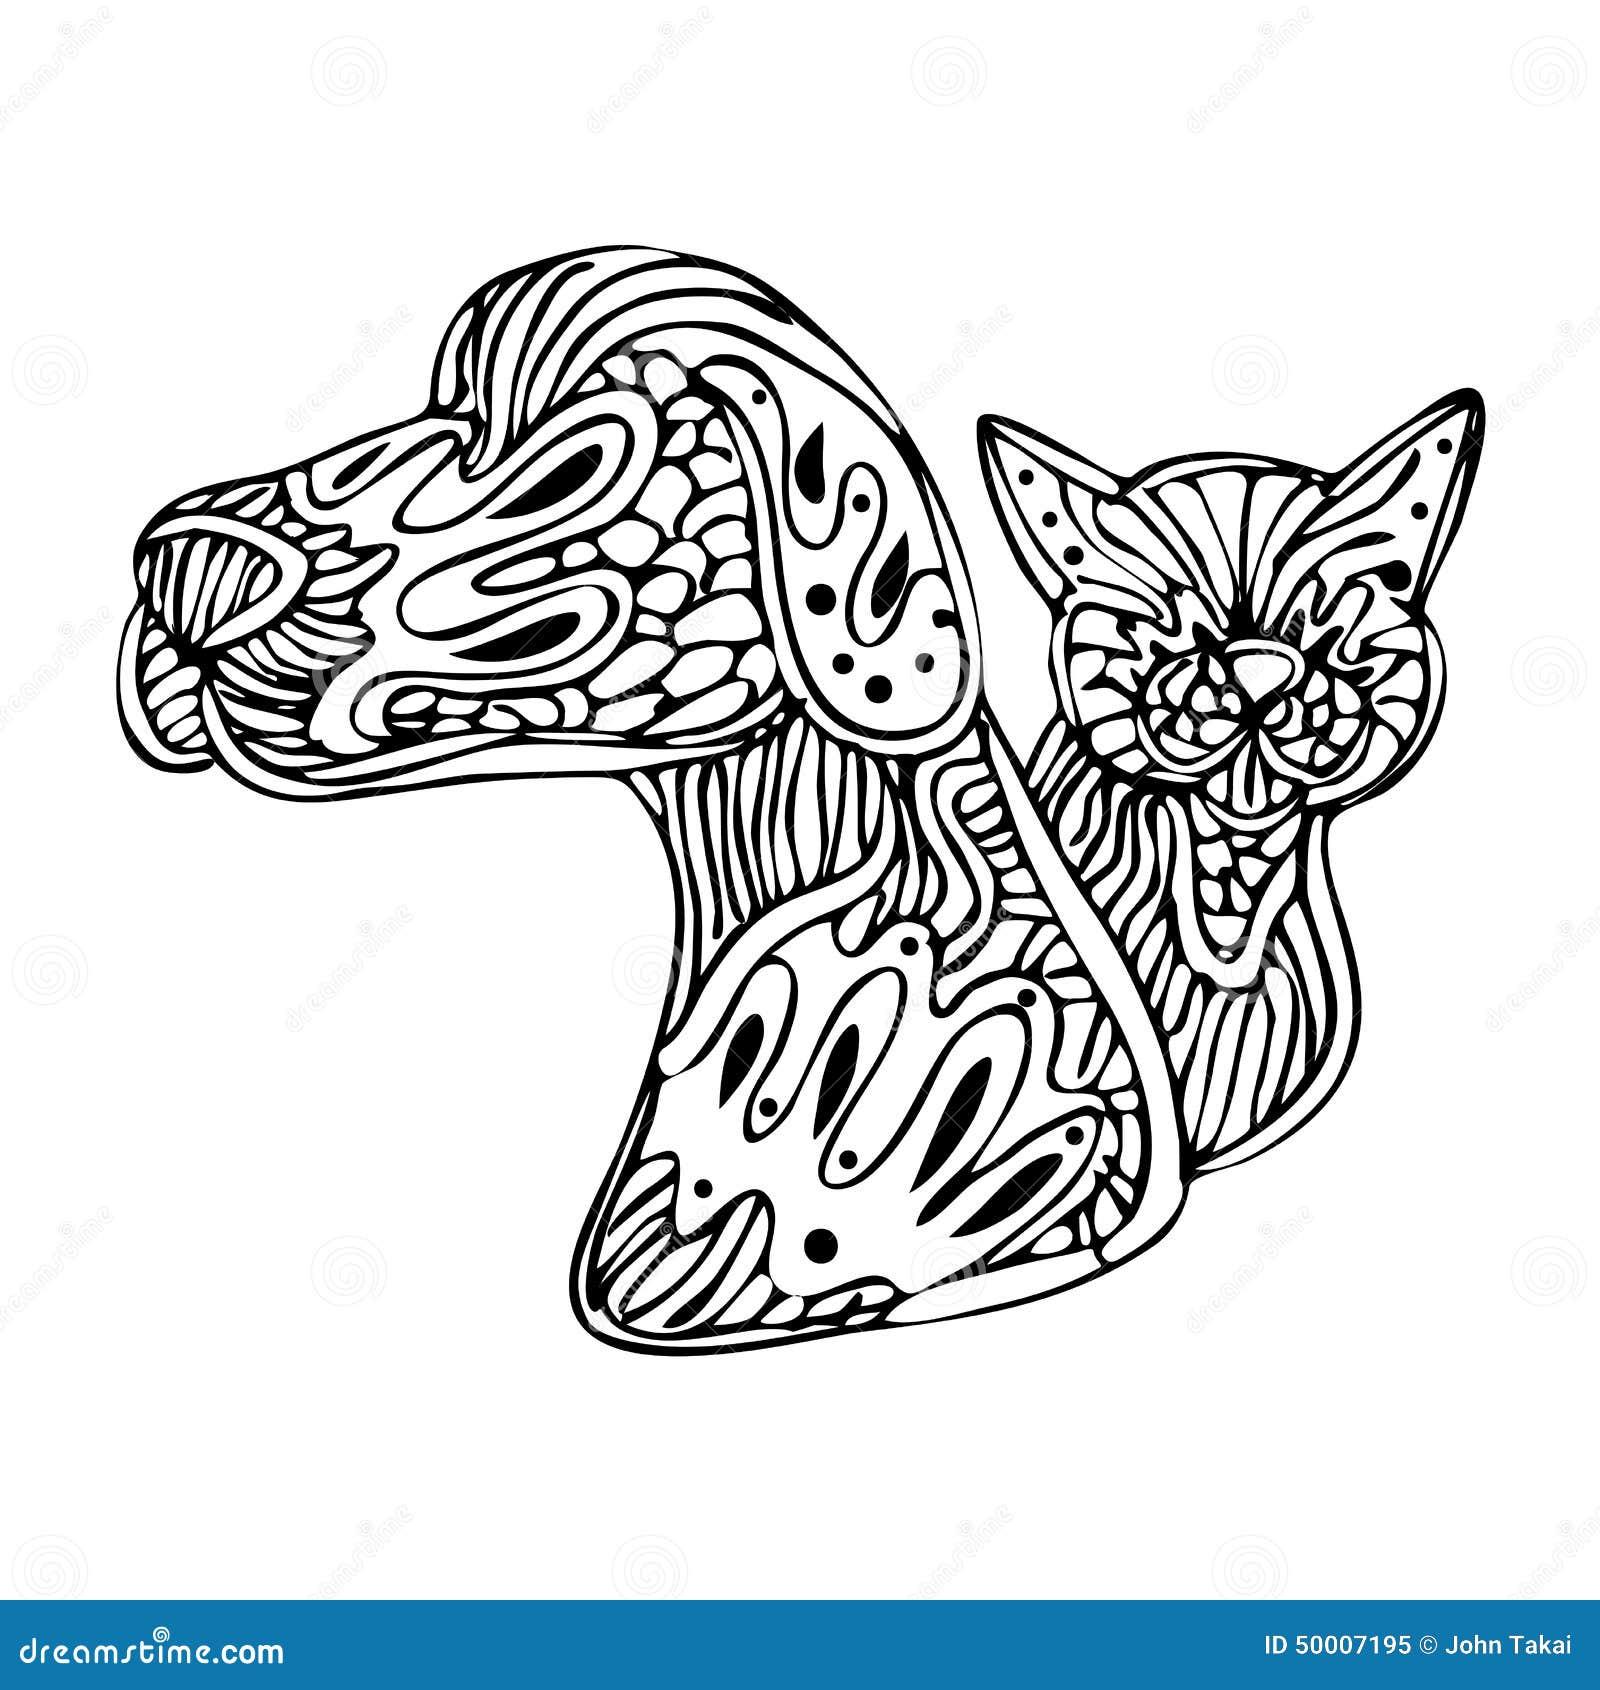 Kleurplaat Kat Moeilijk Zentangle Dog And Cat Stock Vector Illustration Of Simple